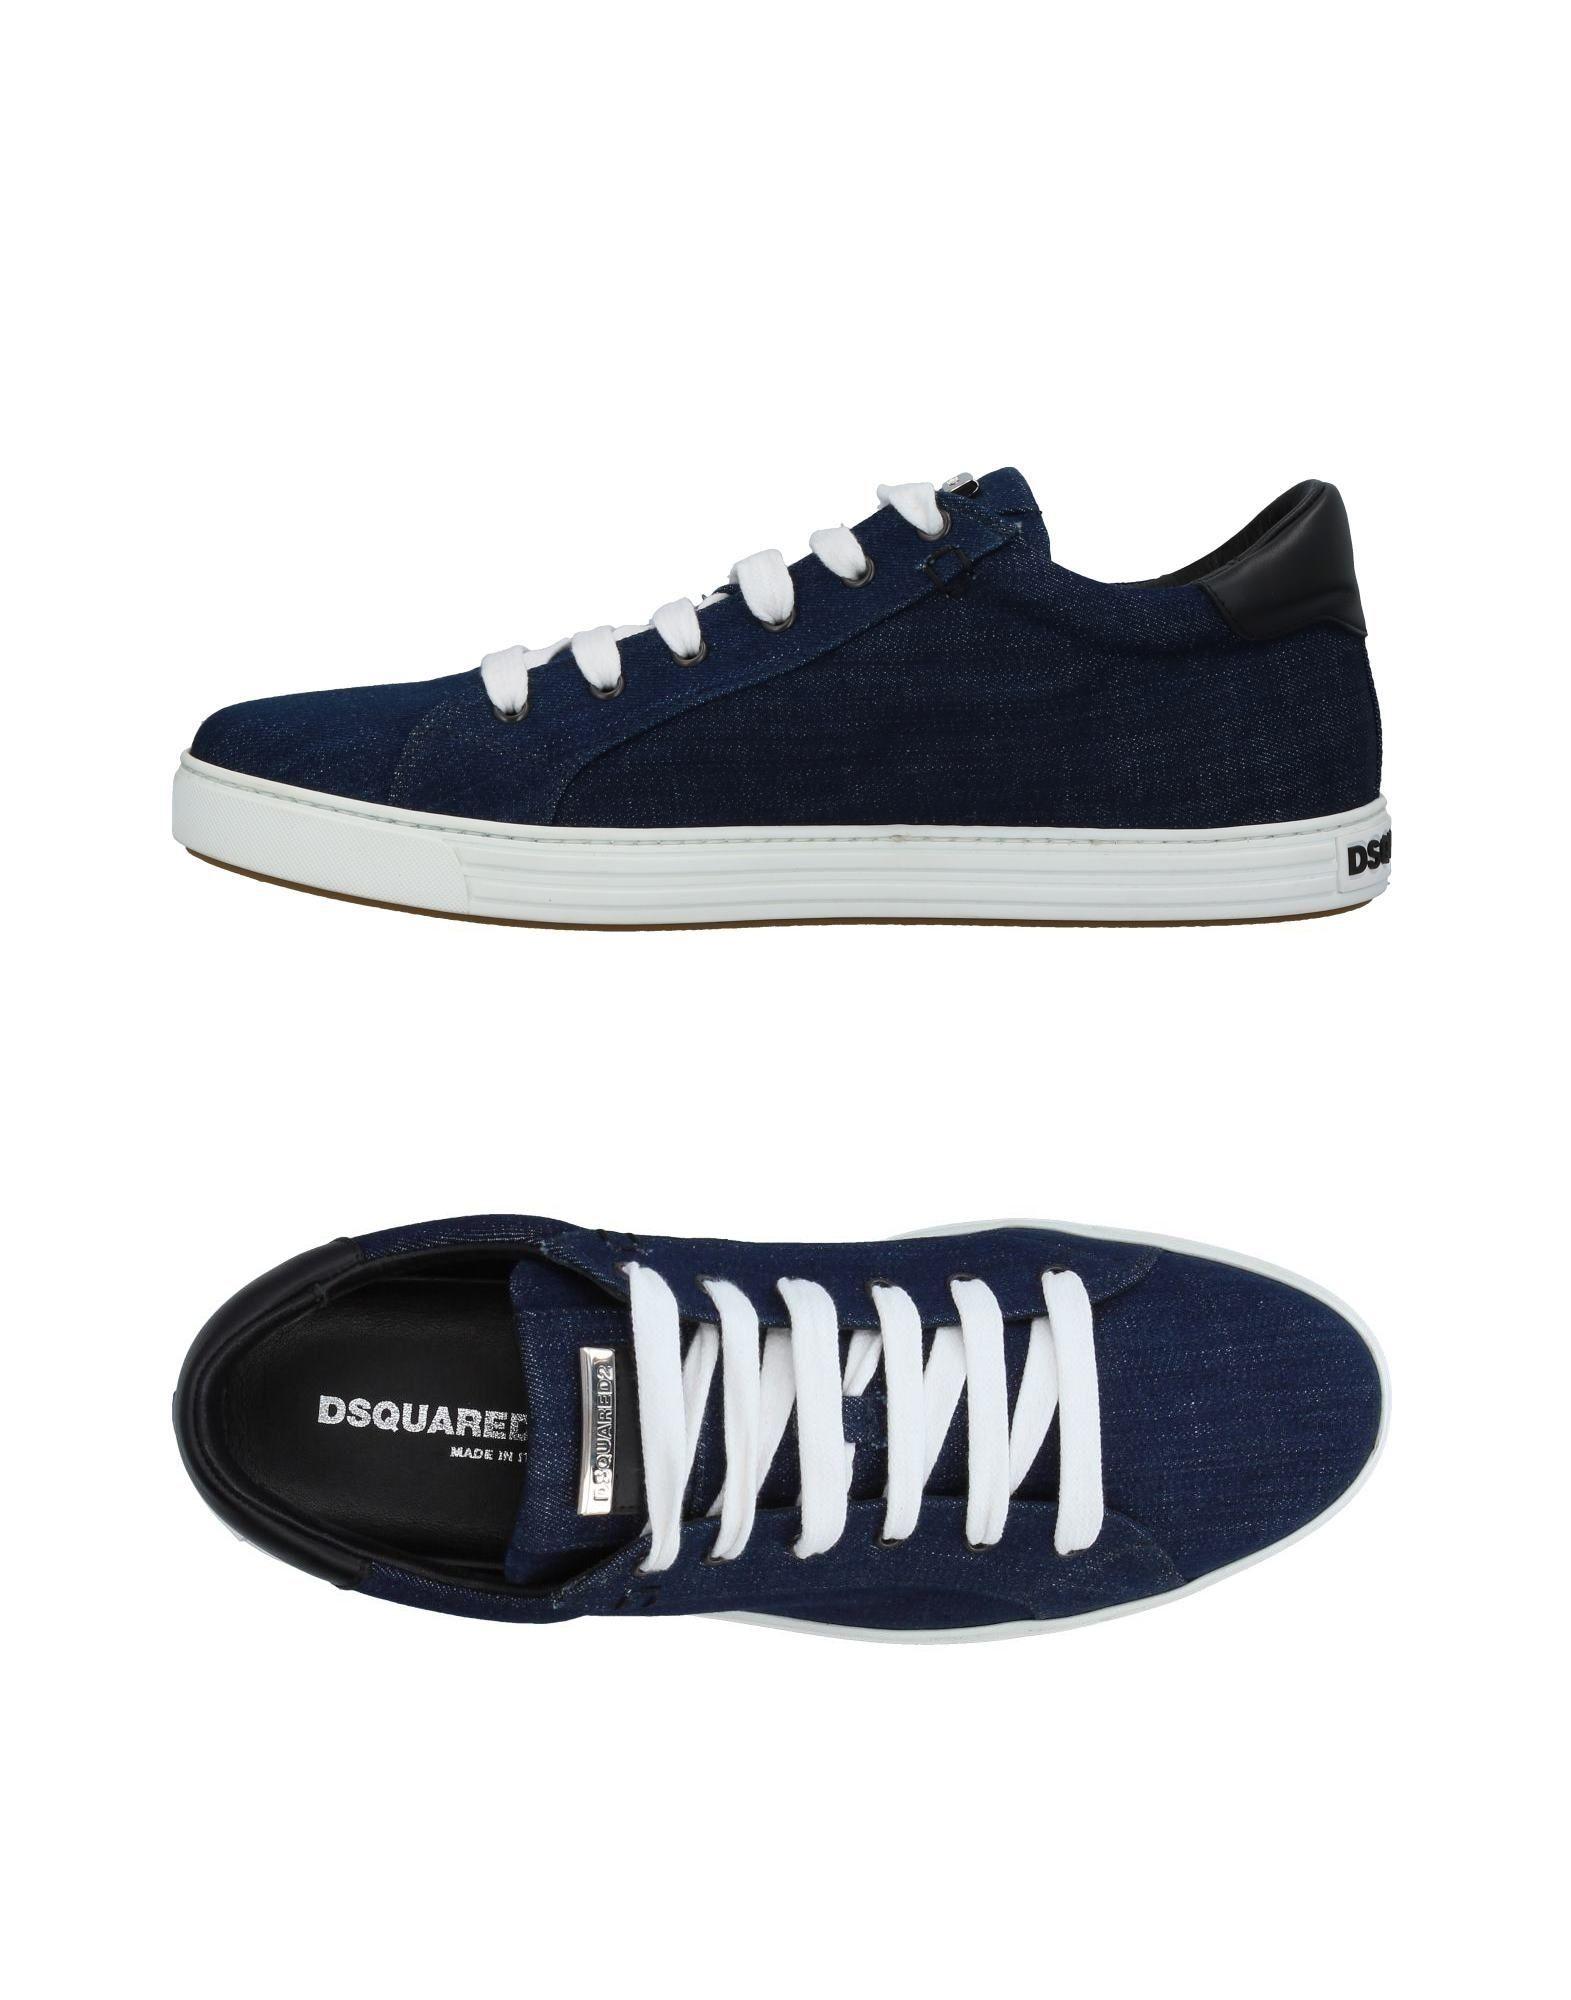 Moda 11368155CI Sneakers Dsquared2 Uomo - 11368155CI Moda 69235b